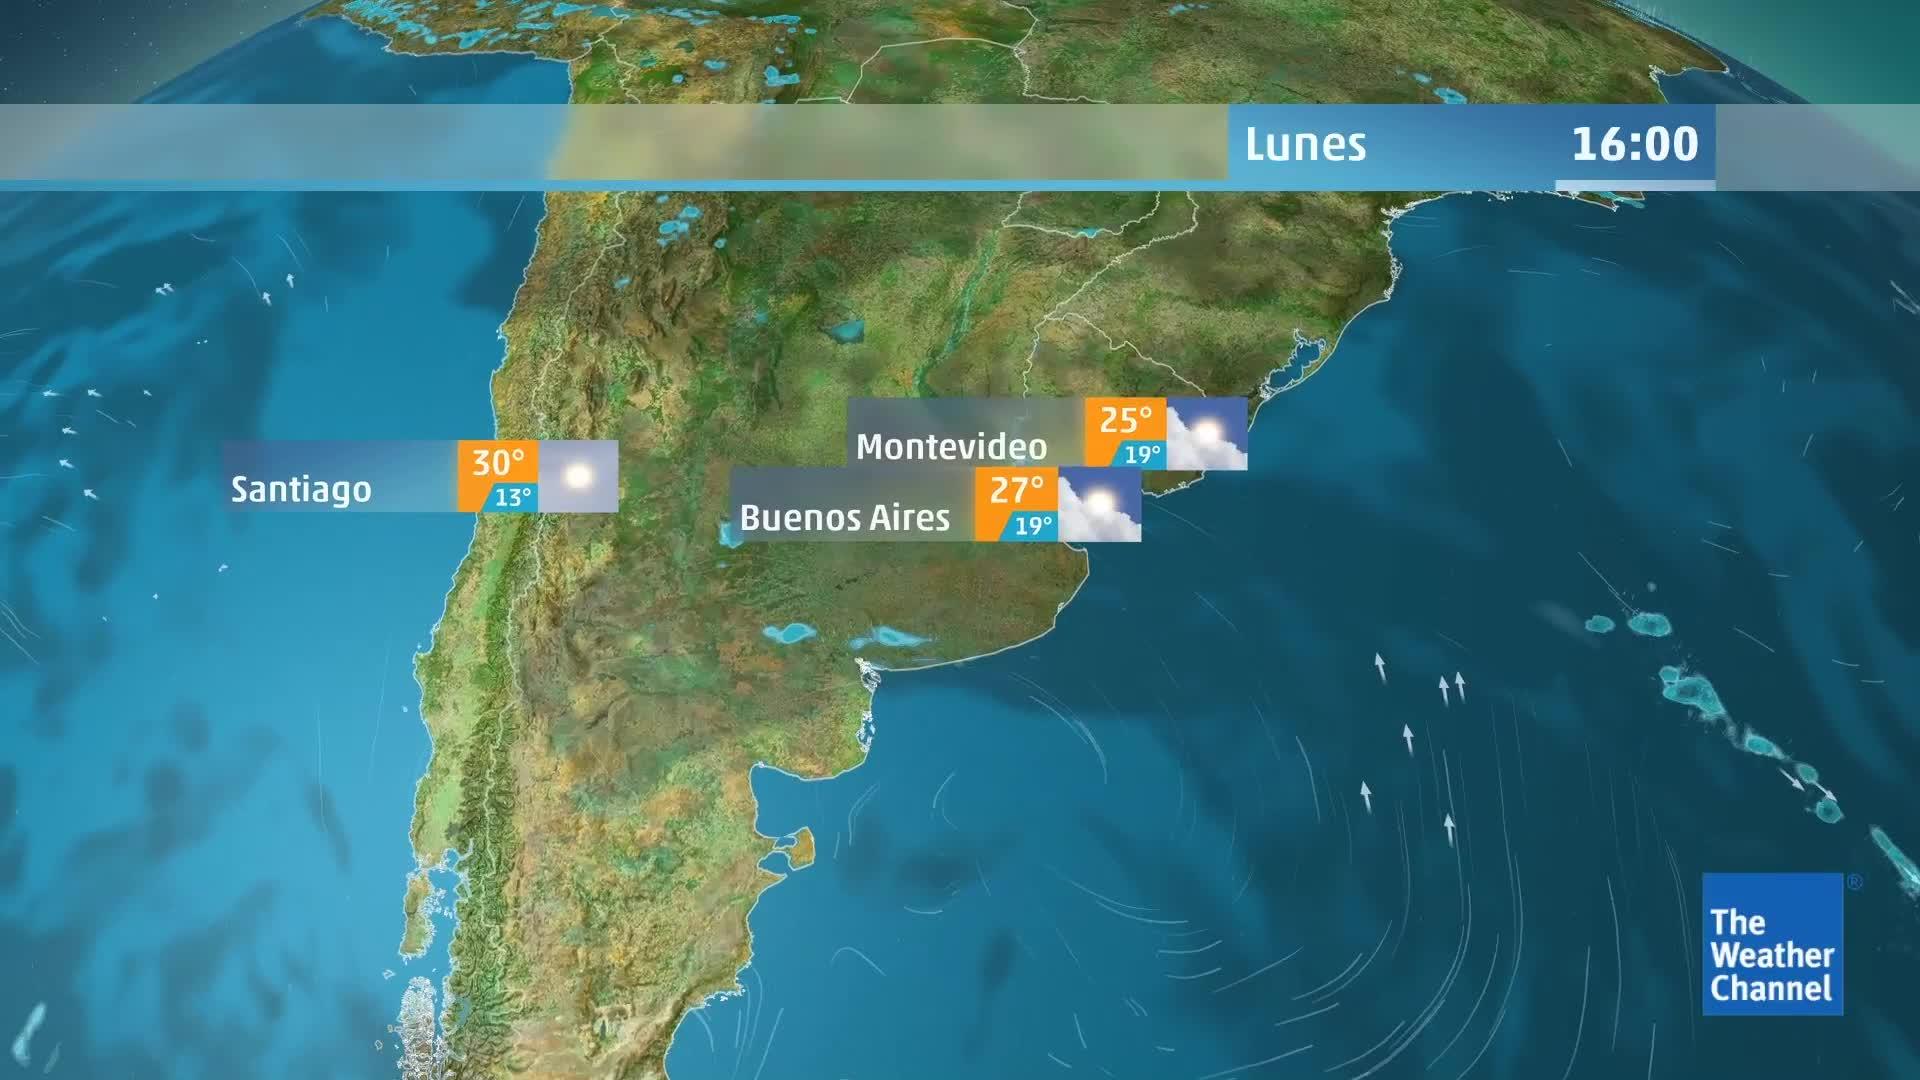 Un frente frío de movimiento lento empujará hacia el norte a través del centro y el norte del país; pero las temperaturas seguirán siendo muy altas en el noreste de Argentina, Paraguay y el sur de Brasil hasta el martes.